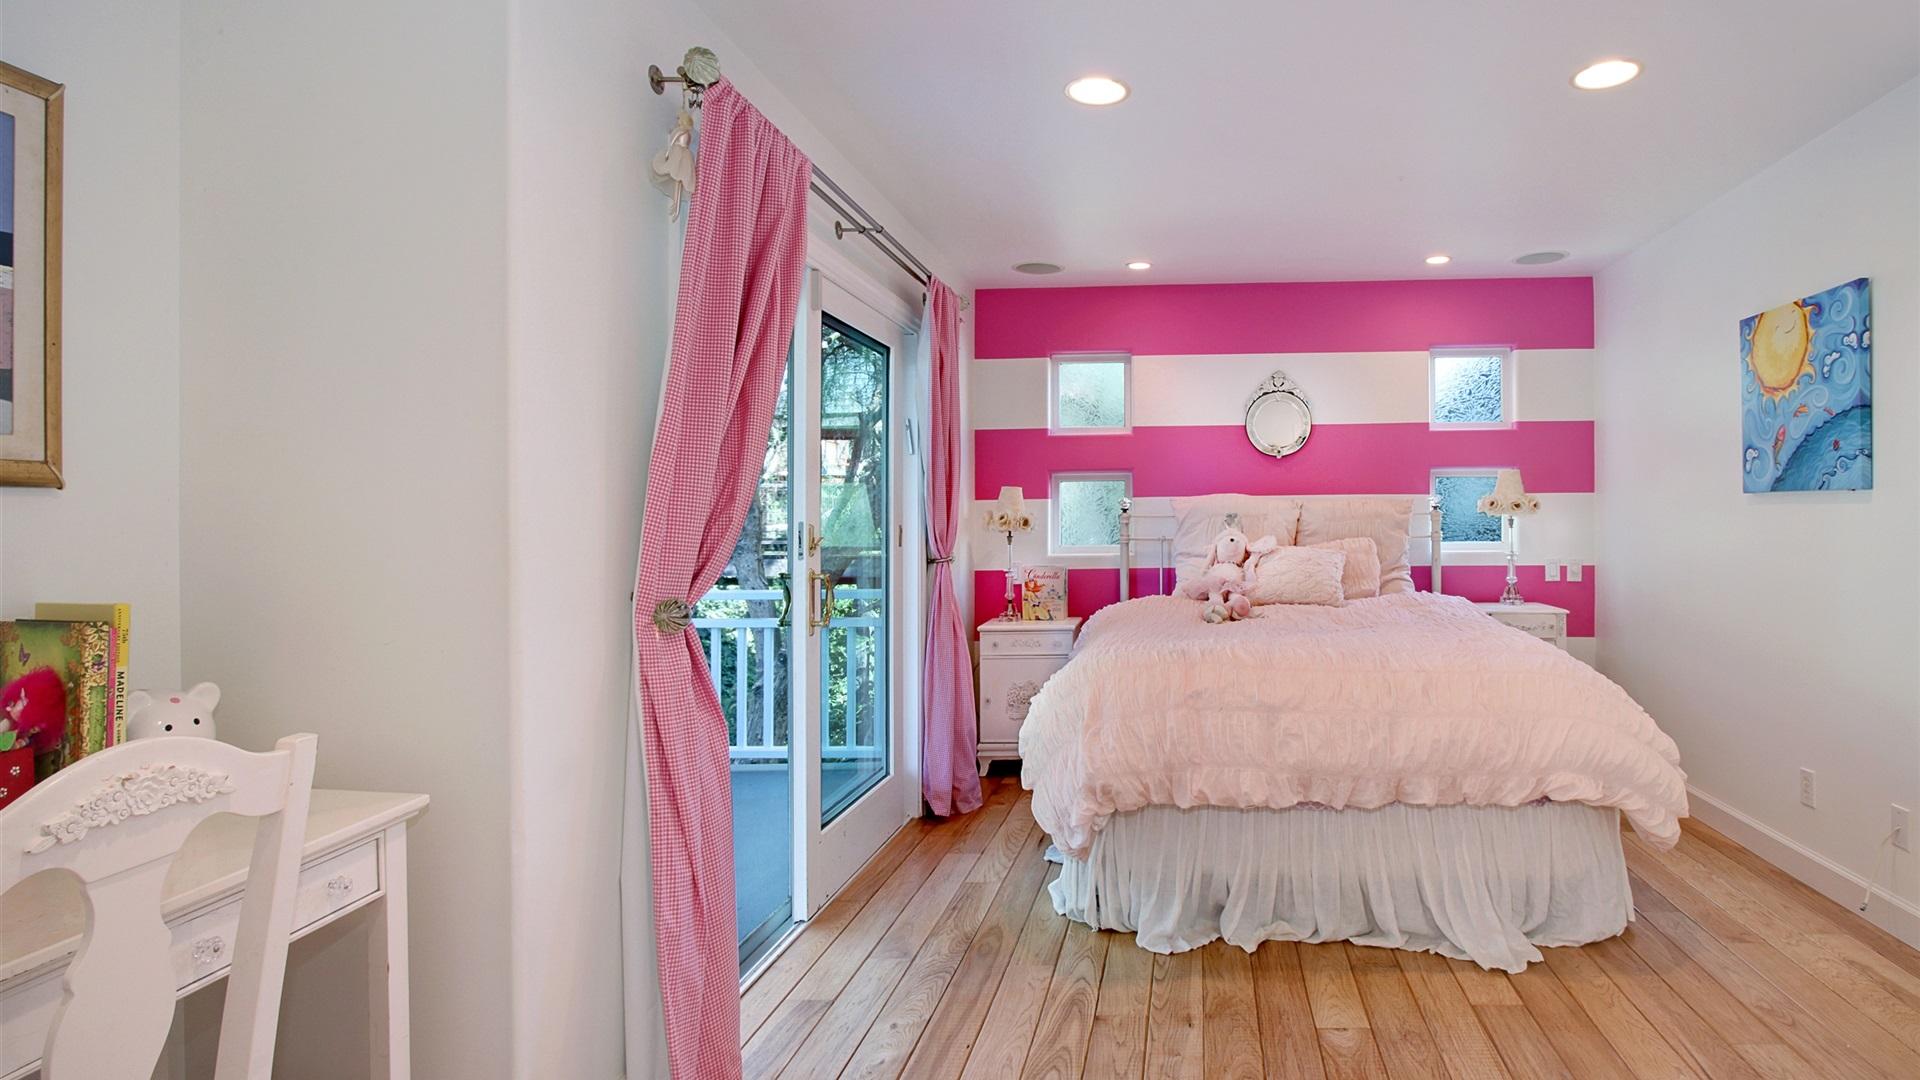 Download wallpaper 1920x1080 interior design bedroom bed for Interior design bedroom wallpaper